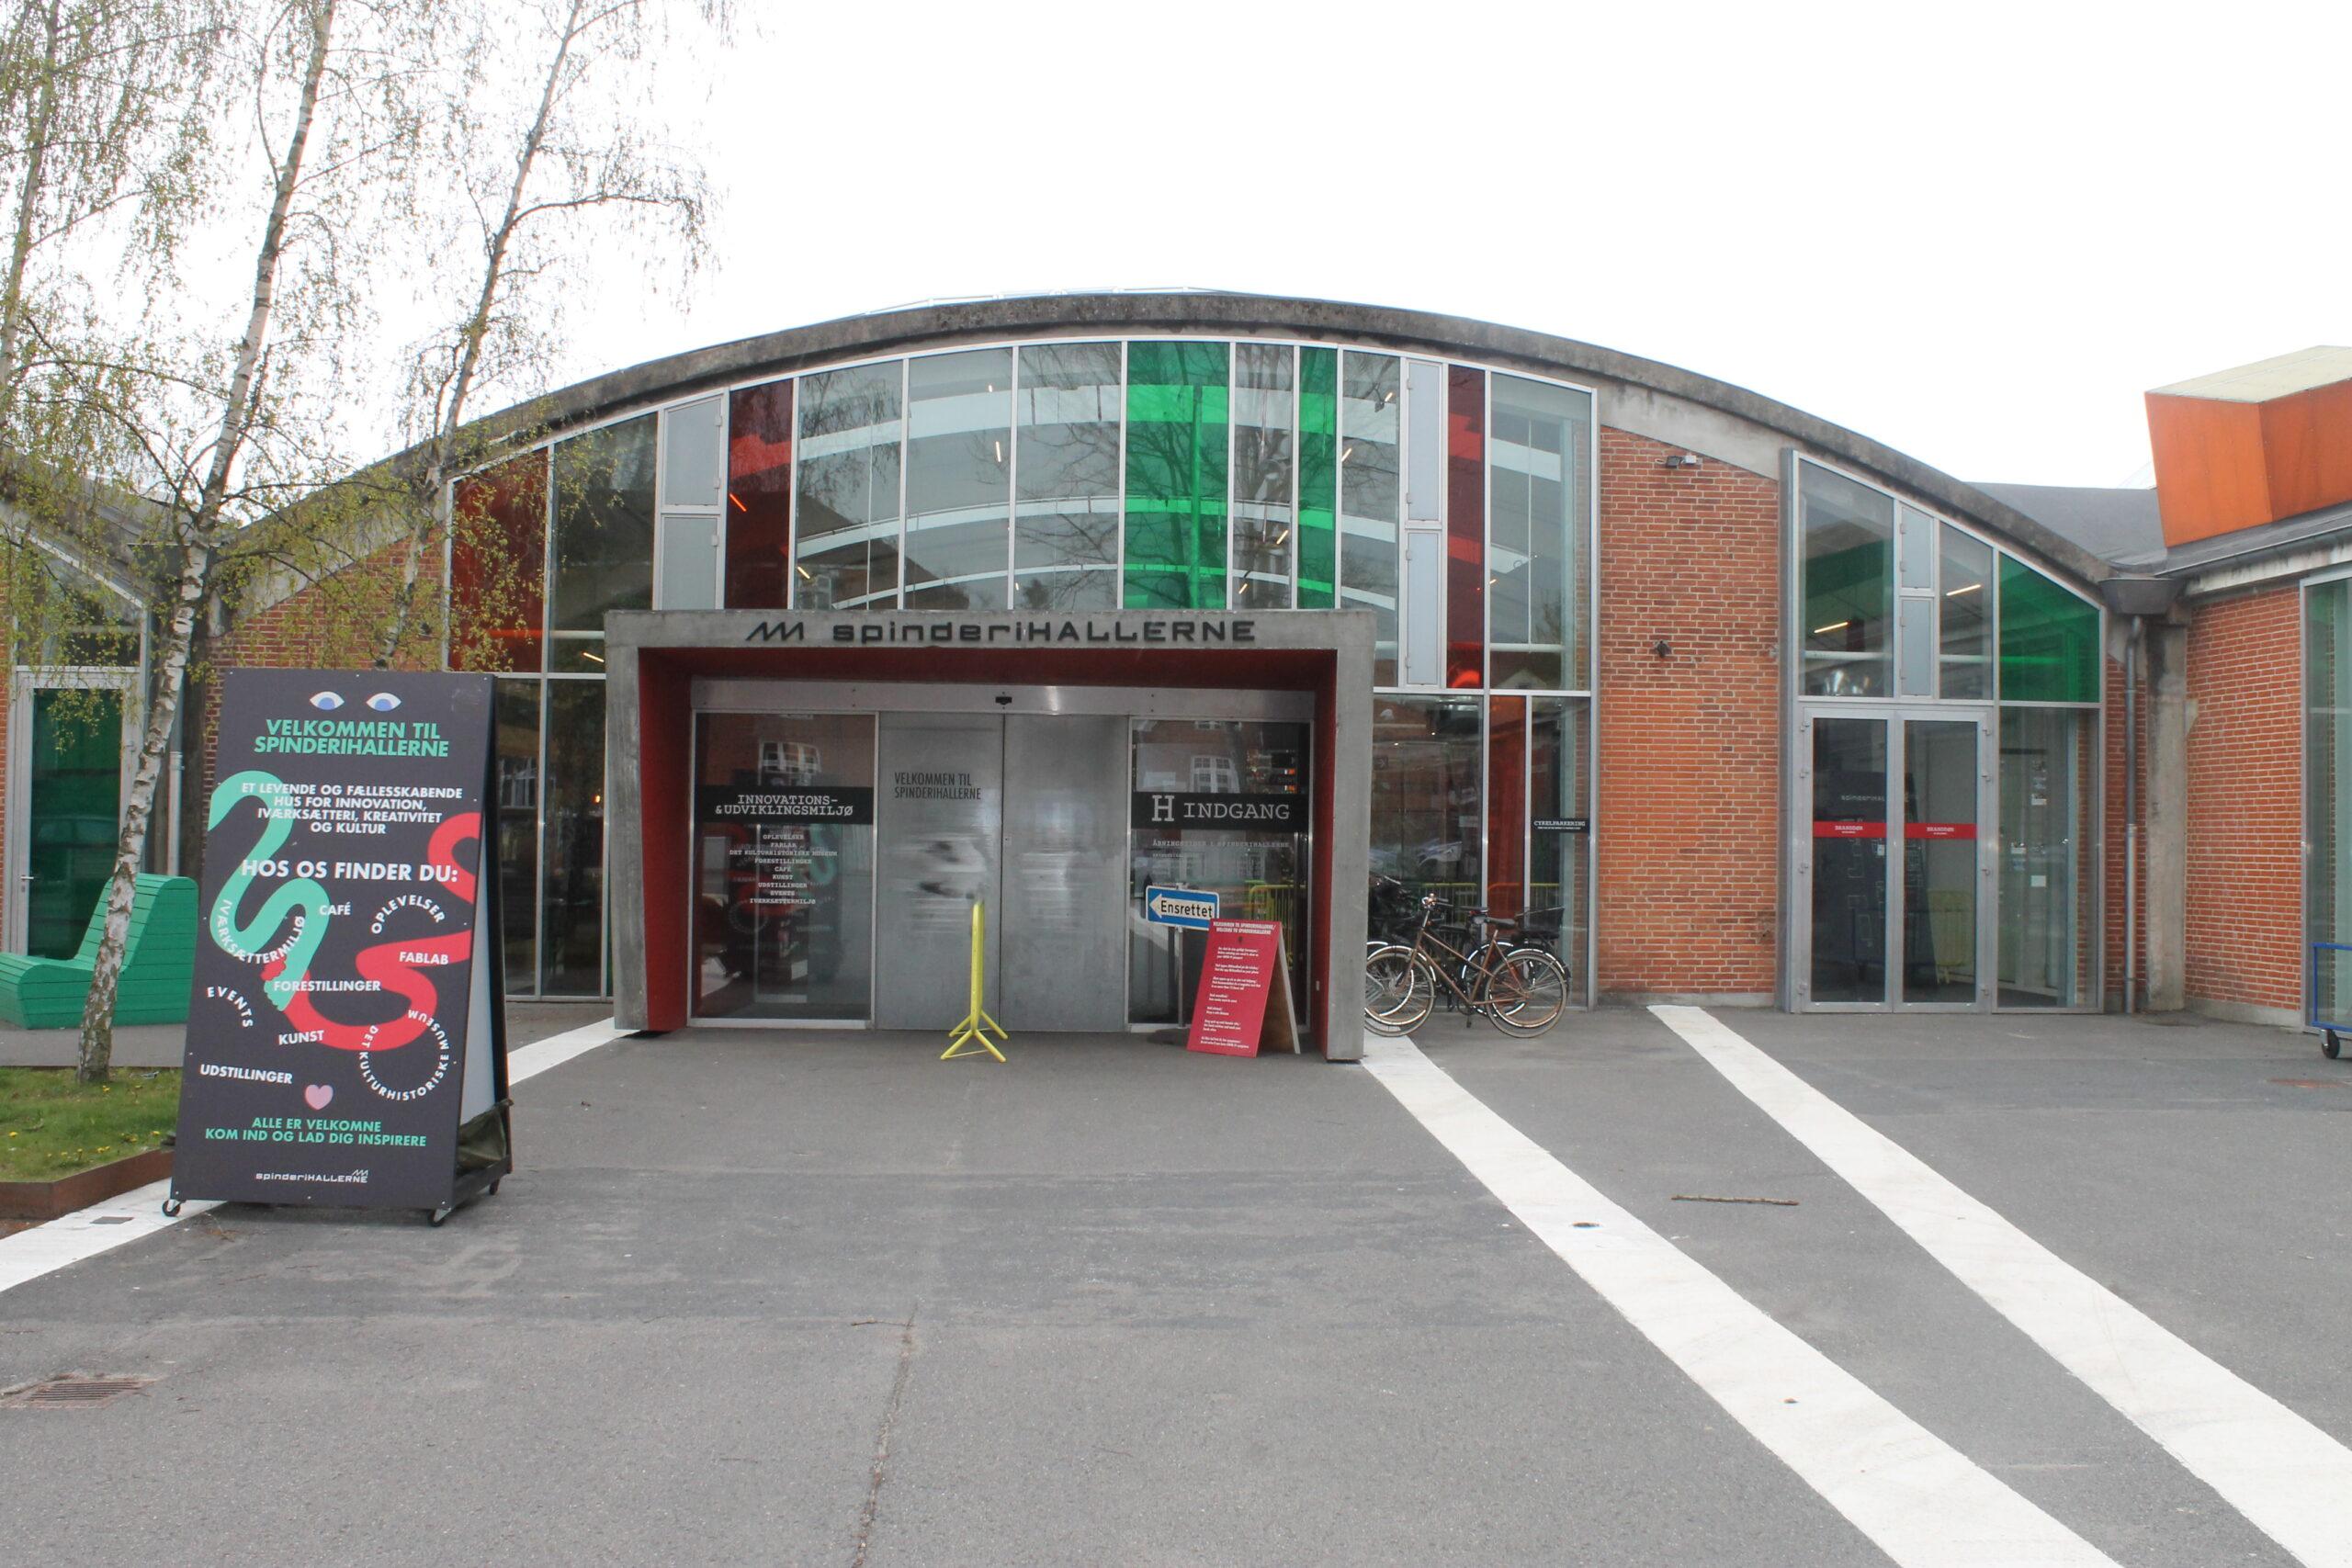 Kulturmuseet i Vejle - indgang